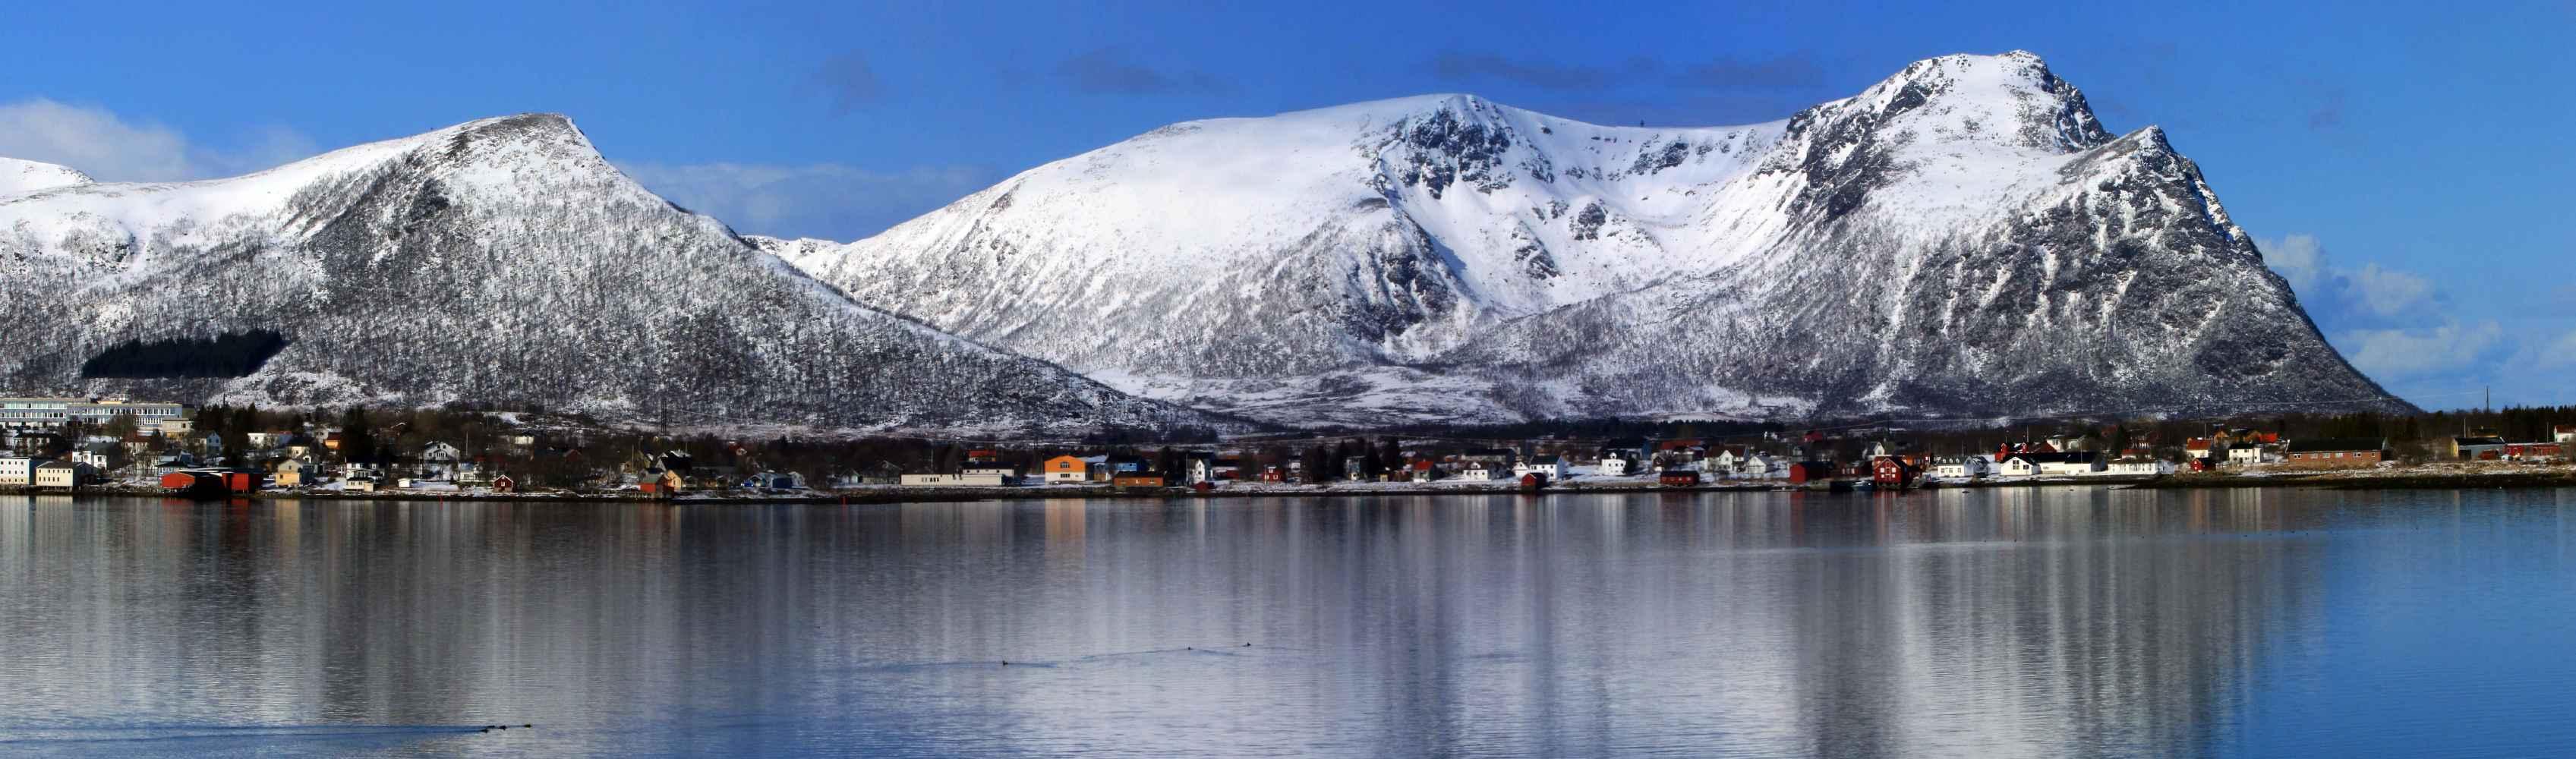 Typisch Norwegen ©Horst Reitz